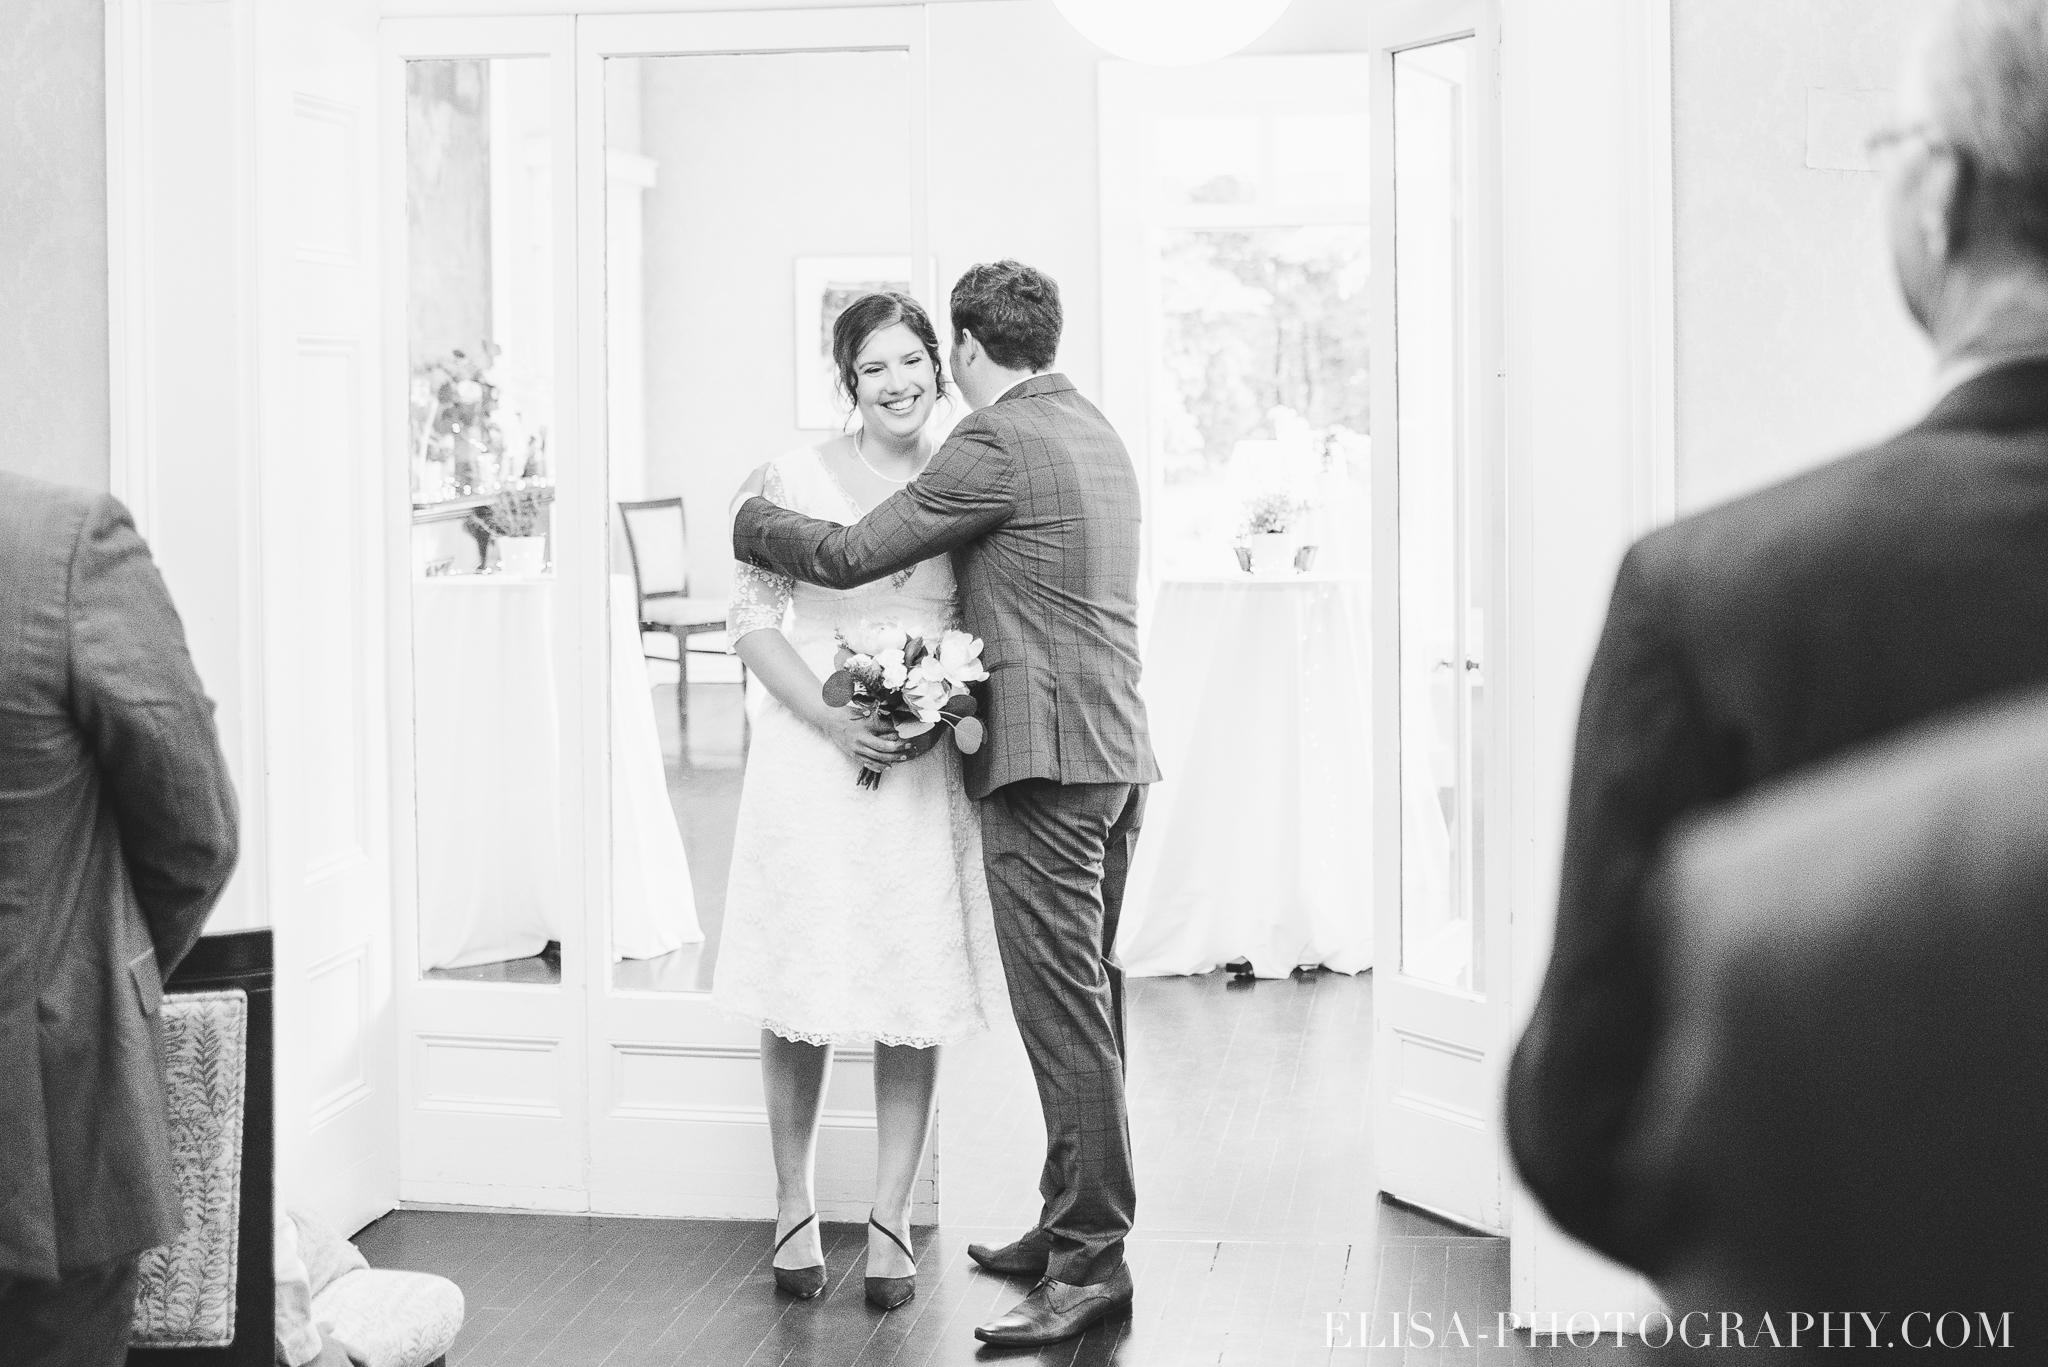 photo mariage domaine cataraqui wedding echange bagues voeux salle ceremonie 2229 - Mariage d'inspiration anglaise au domaine Cataraqui